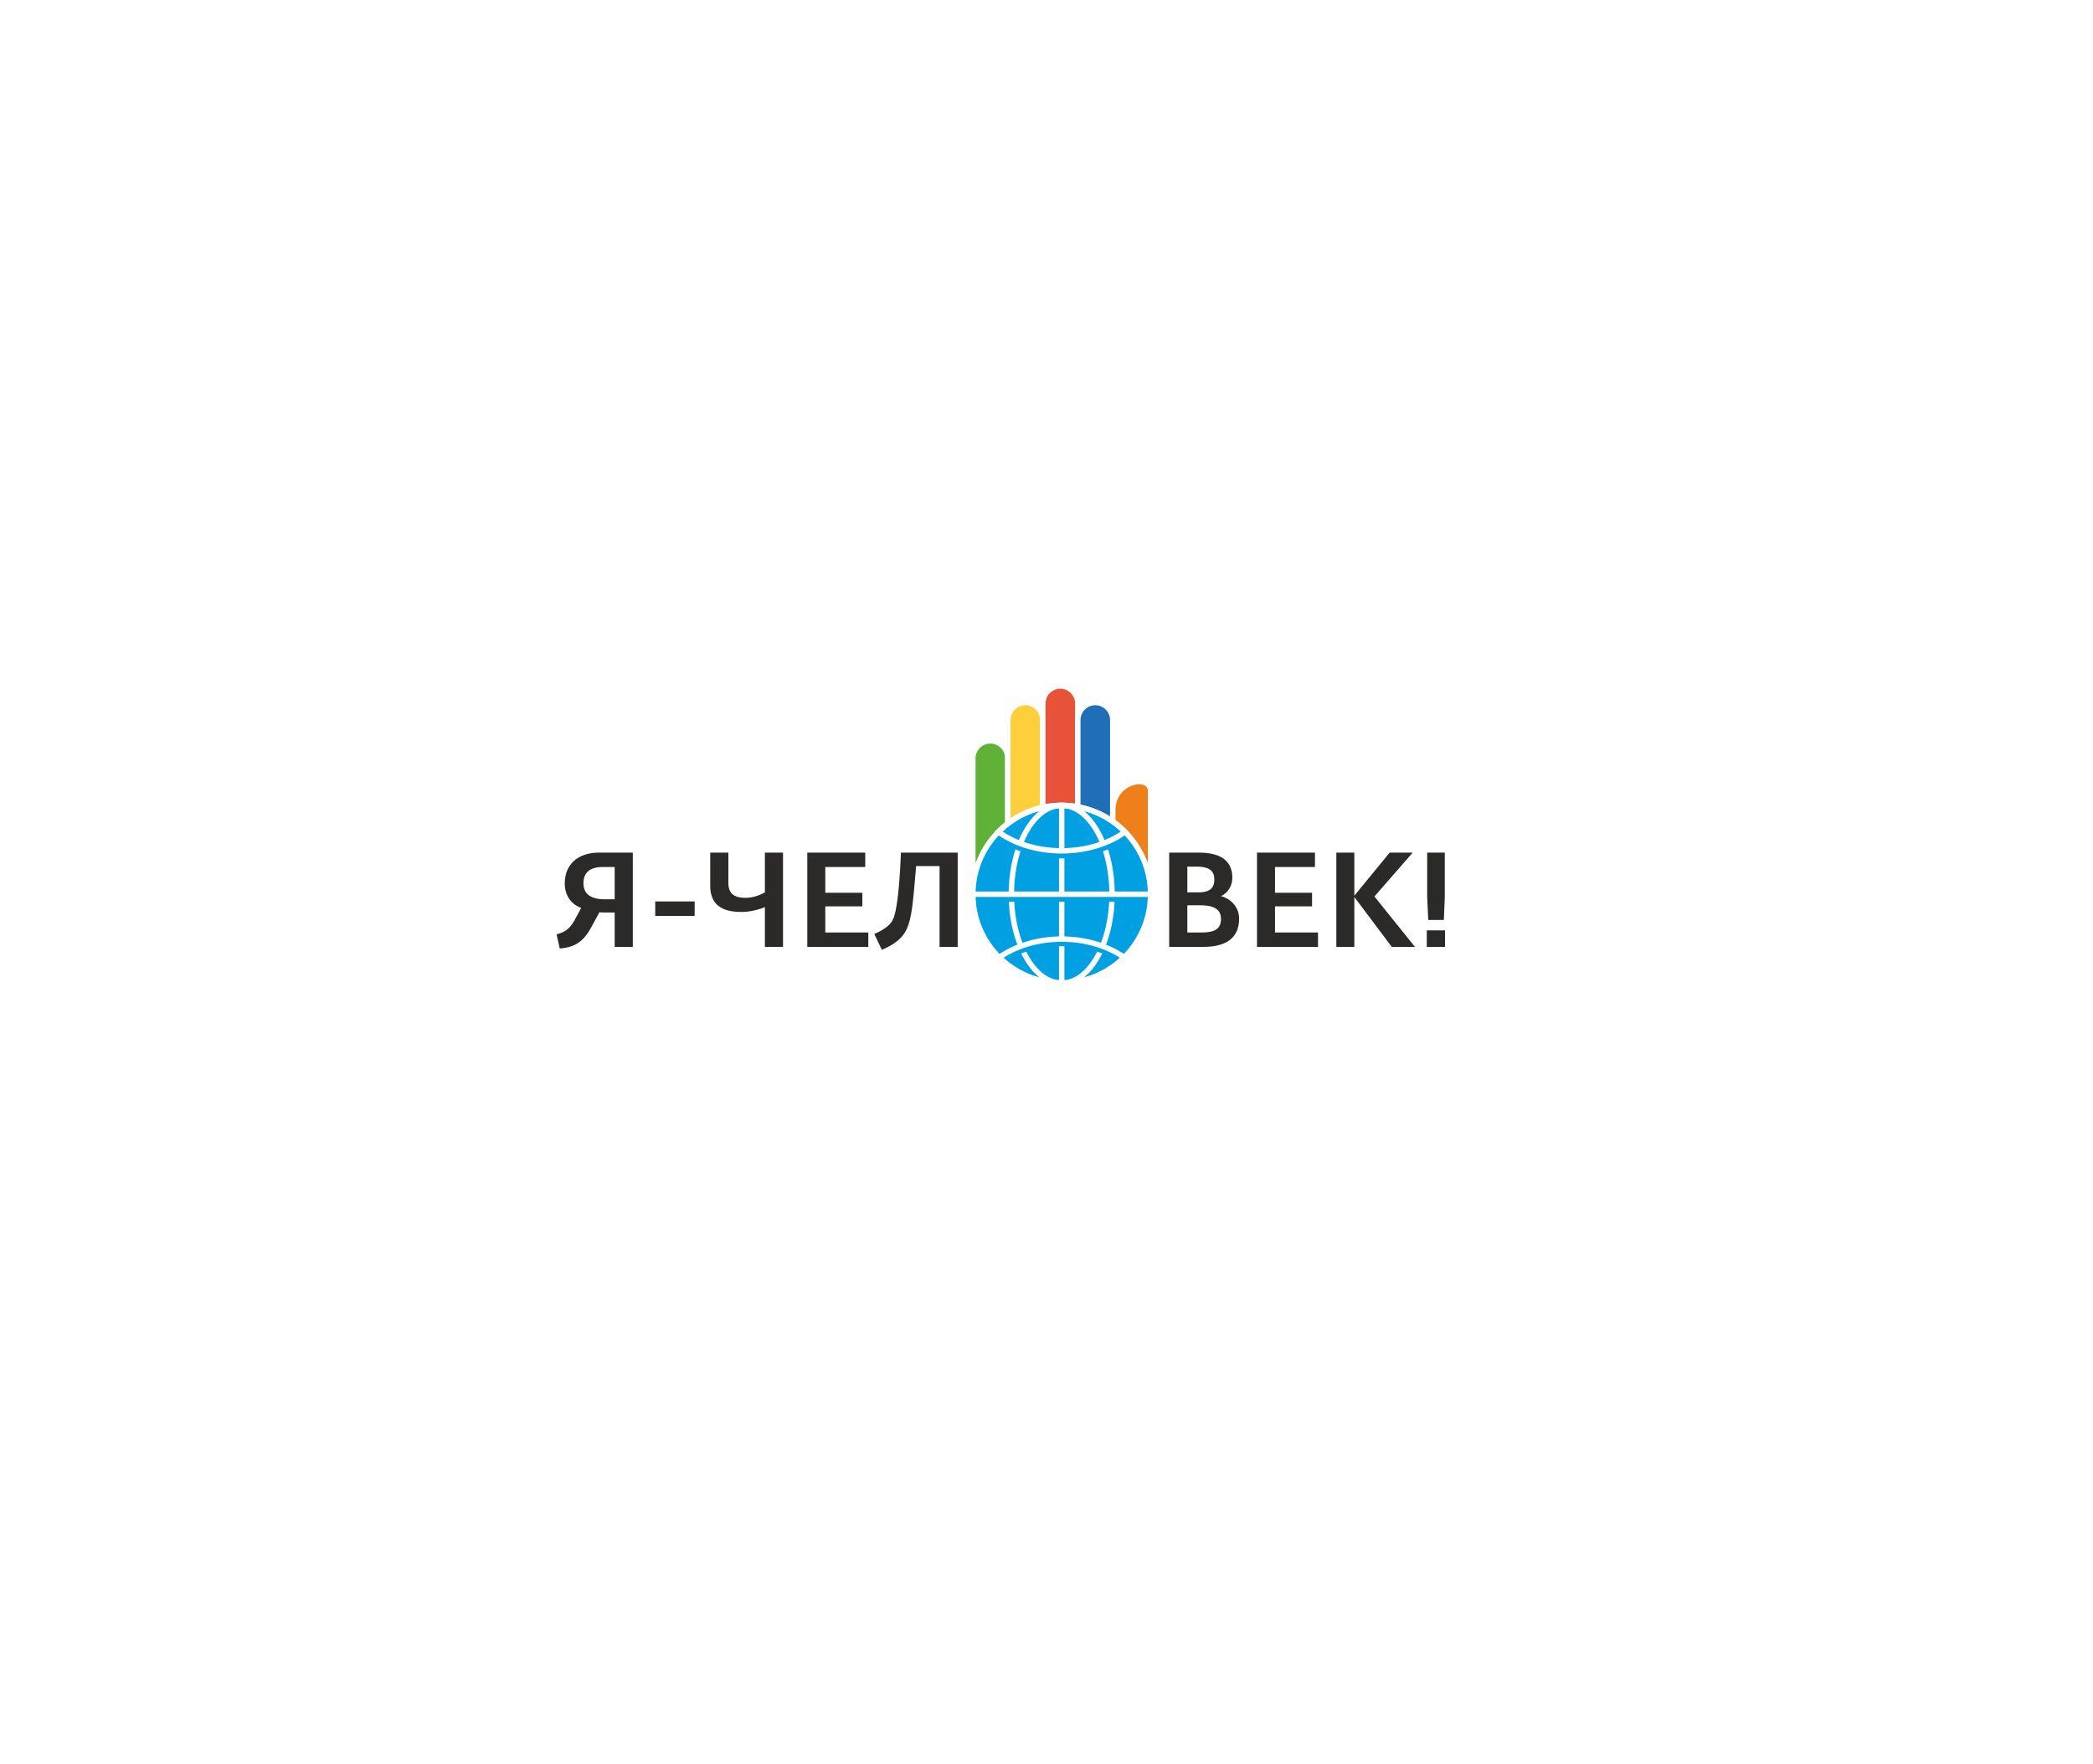 Конкурс на создание логотипа фото f_5645d23e5db75319.jpg